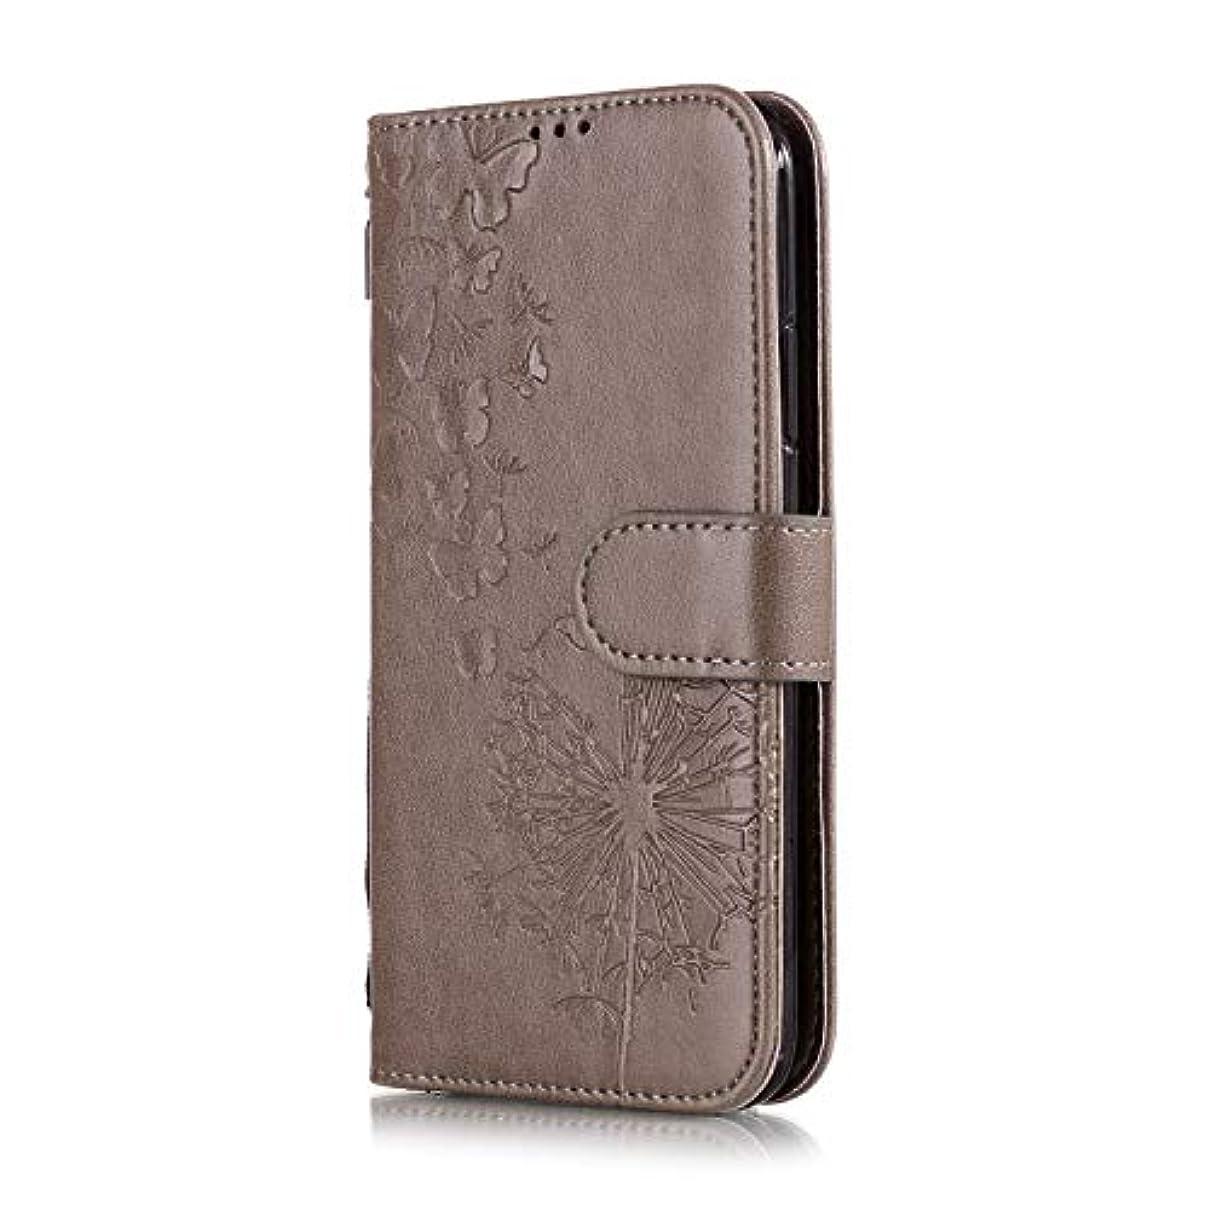 表面書店監督するiPhone6 & iPhone6S たんぽぽ、ブラウン ケース 超薄 超軽量 手帳型 革 スマホケース アイフォンケース 高品質レザーPU 耐衝撃 おしゃれ 財布型 カード収納